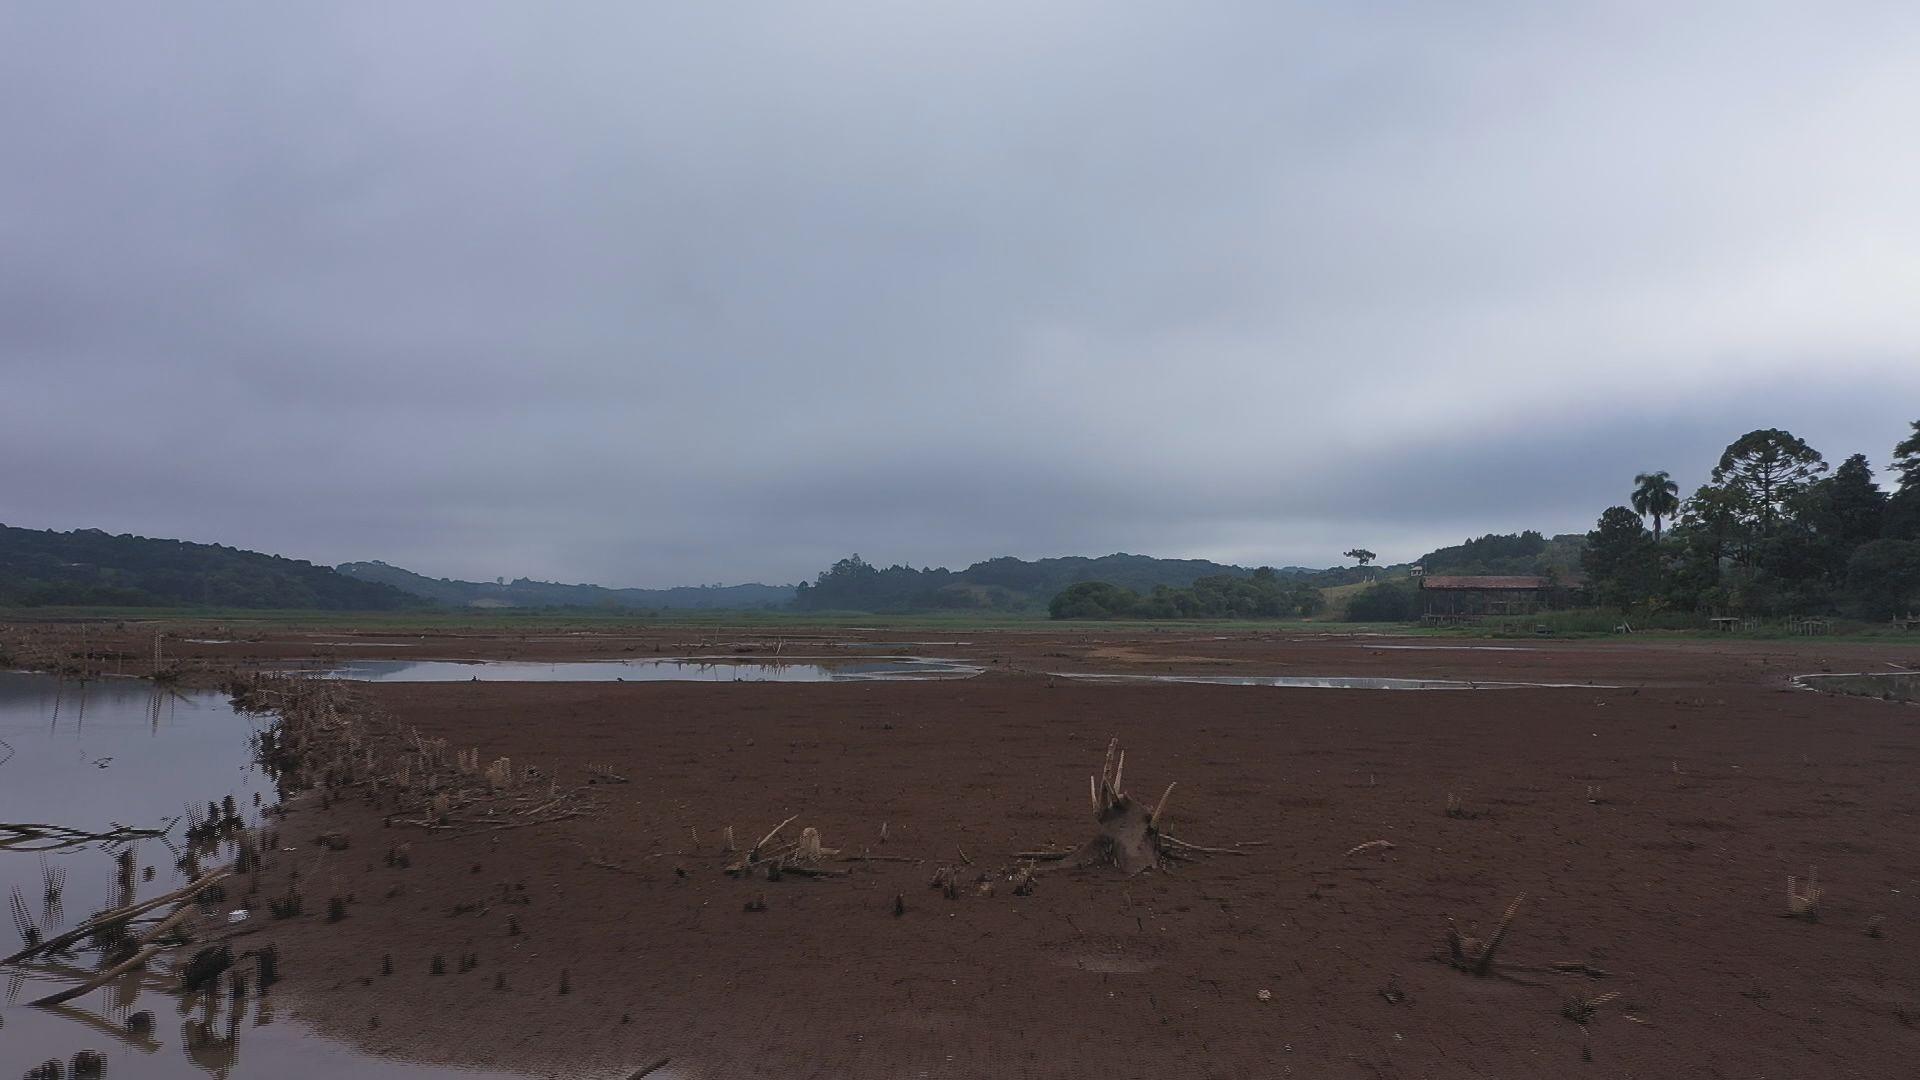 Estiagem mais severa reduziu no Paraná em maio, mas emergência hídrica continua, diz governo estadual